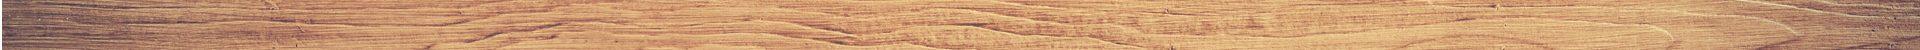 Holzbalken_1920x100px4